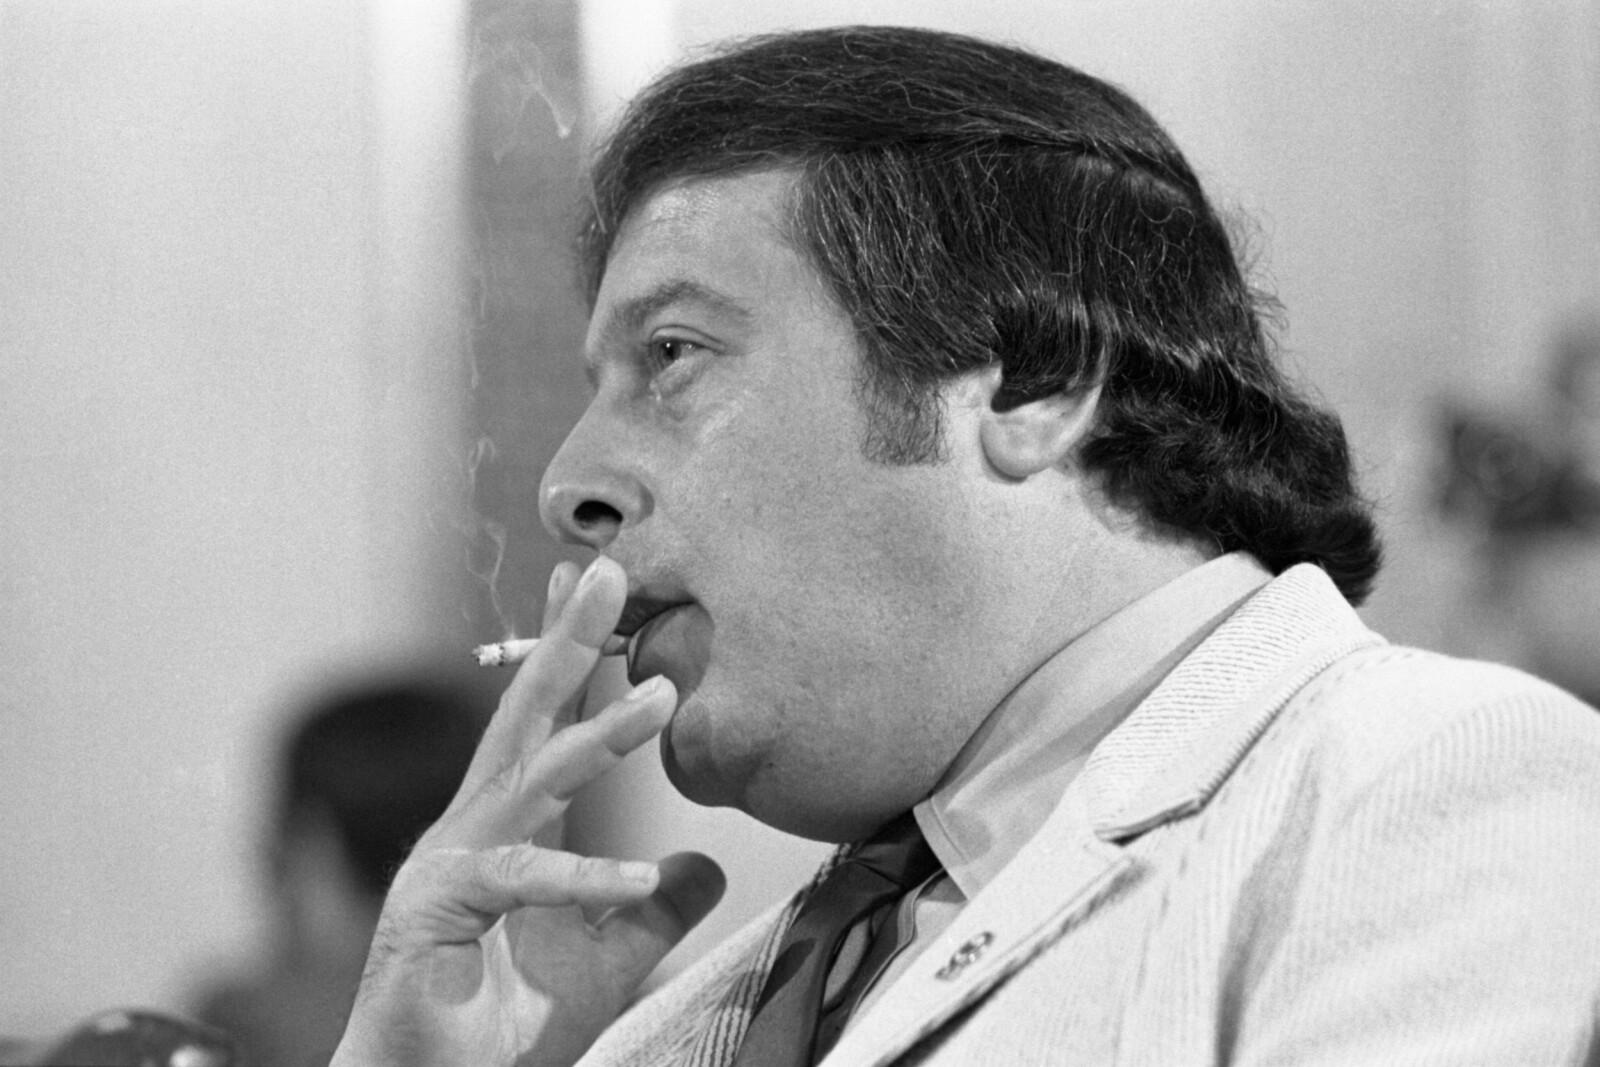 <b>PÅ TILTALEBENKEN:</b> 43 år gamle Gregory Scarpa på tiltalebenken i 1971, beskrevet som et farlig medlem av Colombo-familien. Scarpa nektet å samarbeide og ville heller ikke svare på hvor han var født.